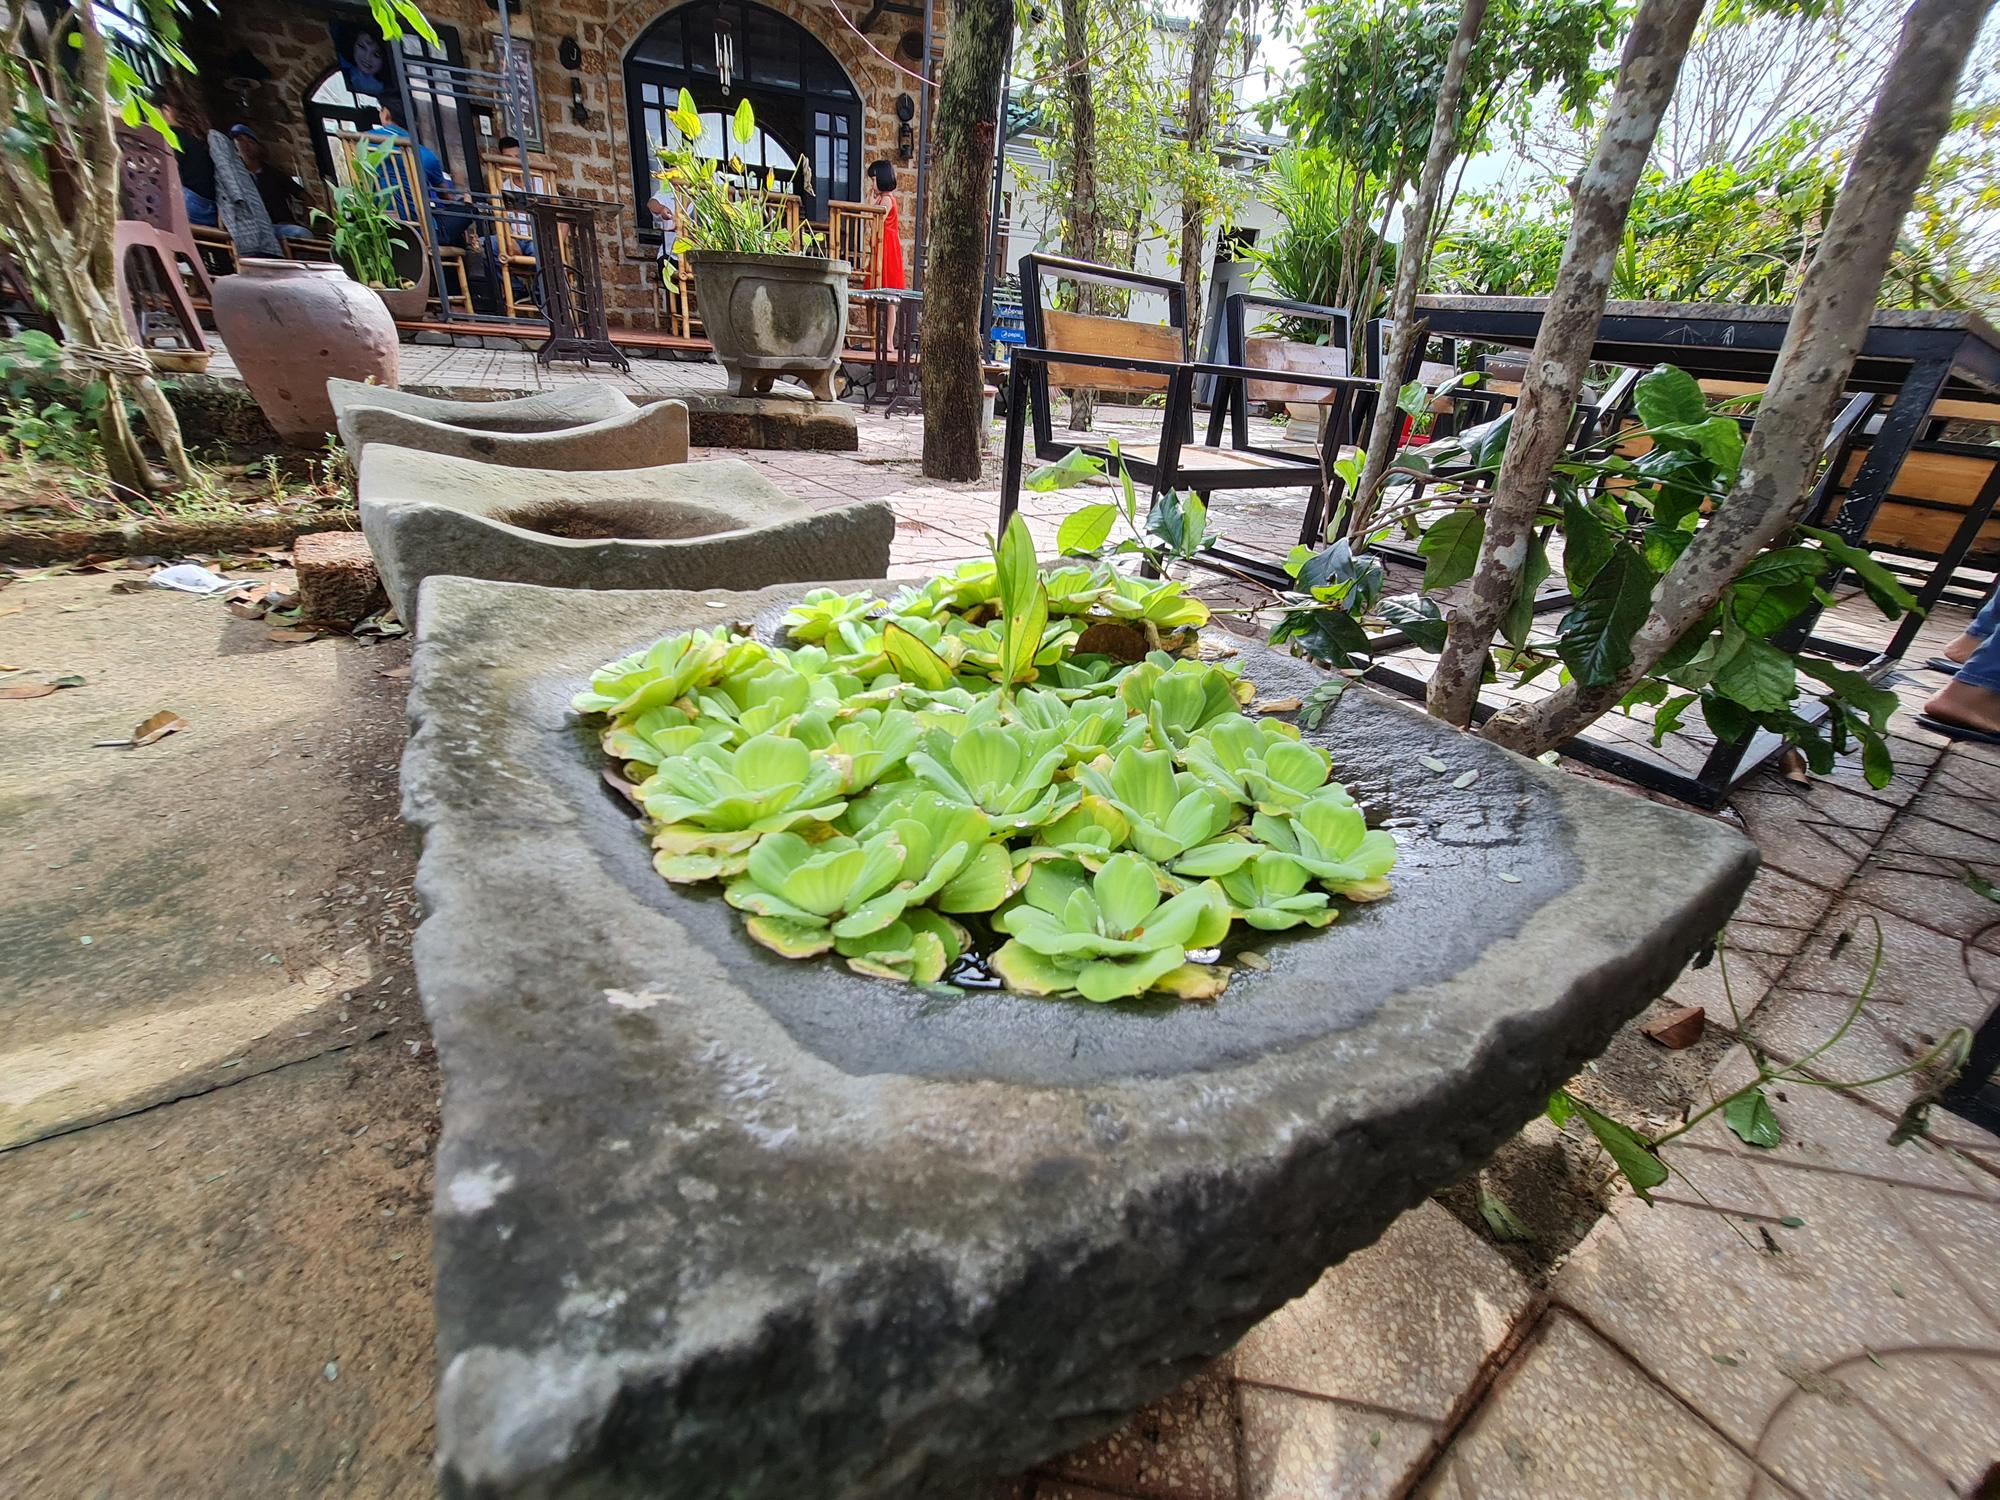 Quảng Nam: Nhứt mắt với quán cà phê bằng đá ong và toàn đồ bỏ đi - Ảnh 13.